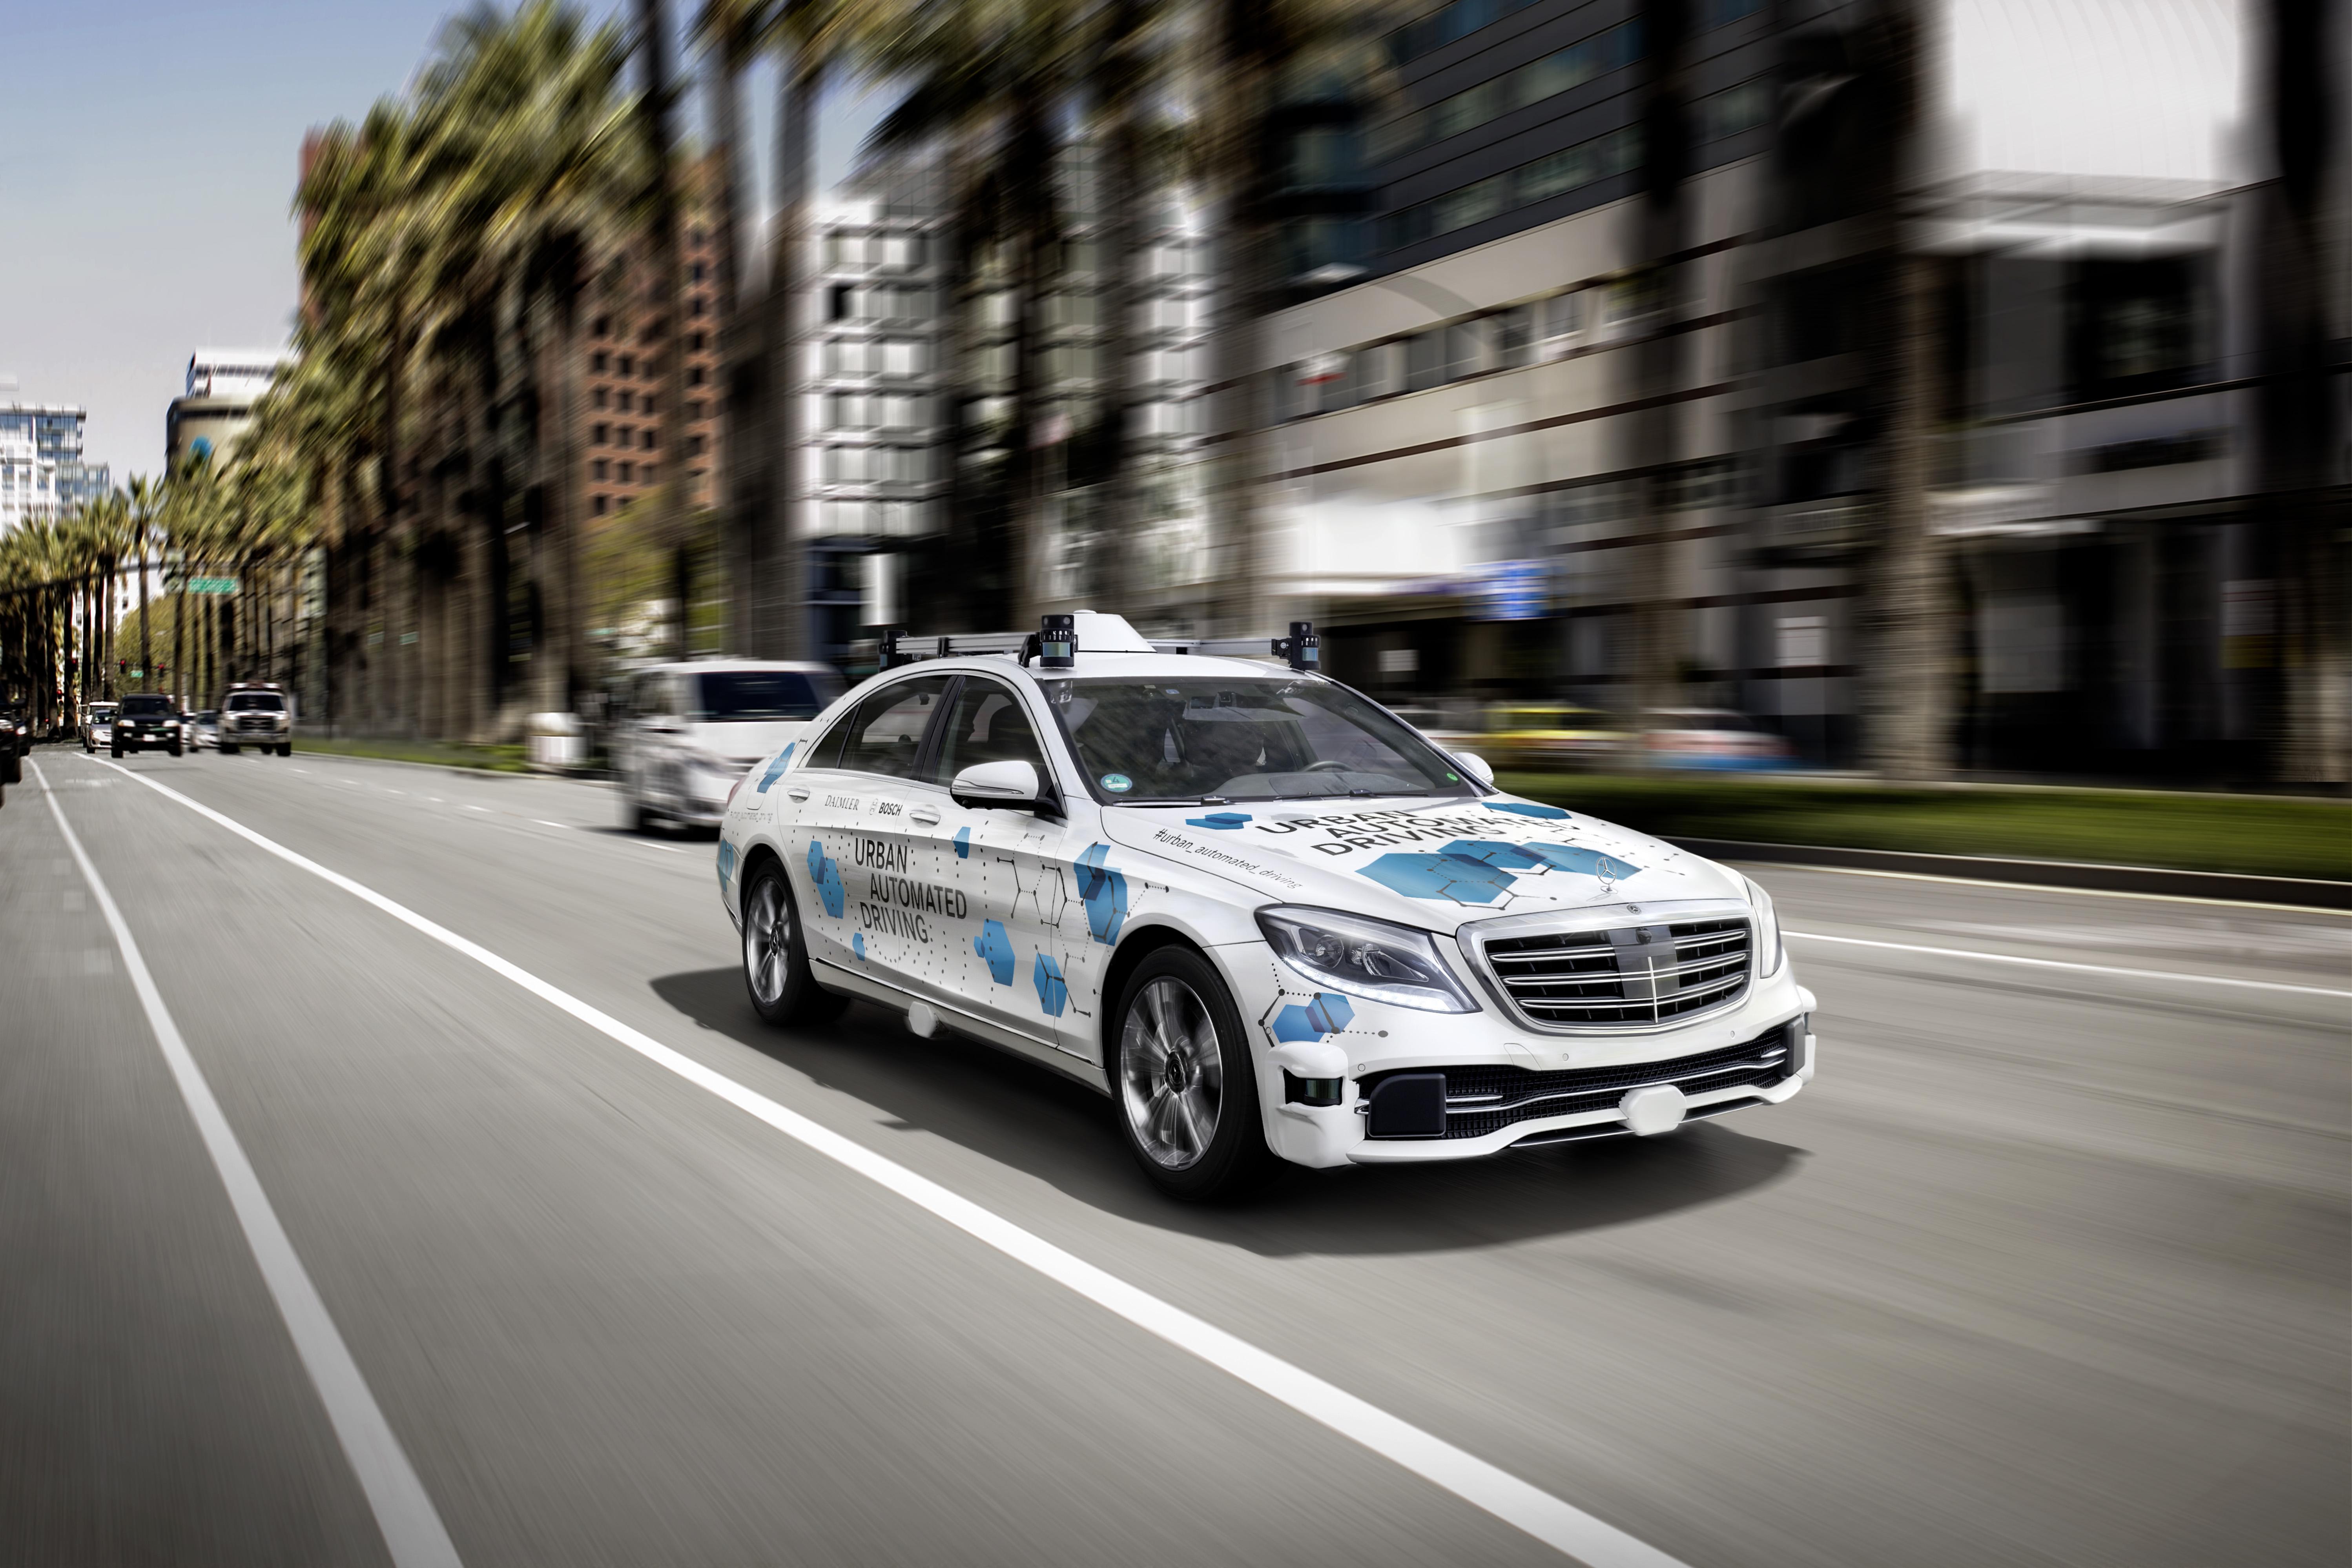 Bosch e Daimler: San José scelta come città pilota per il servizio di ride-hailing on demand a guida autonoma